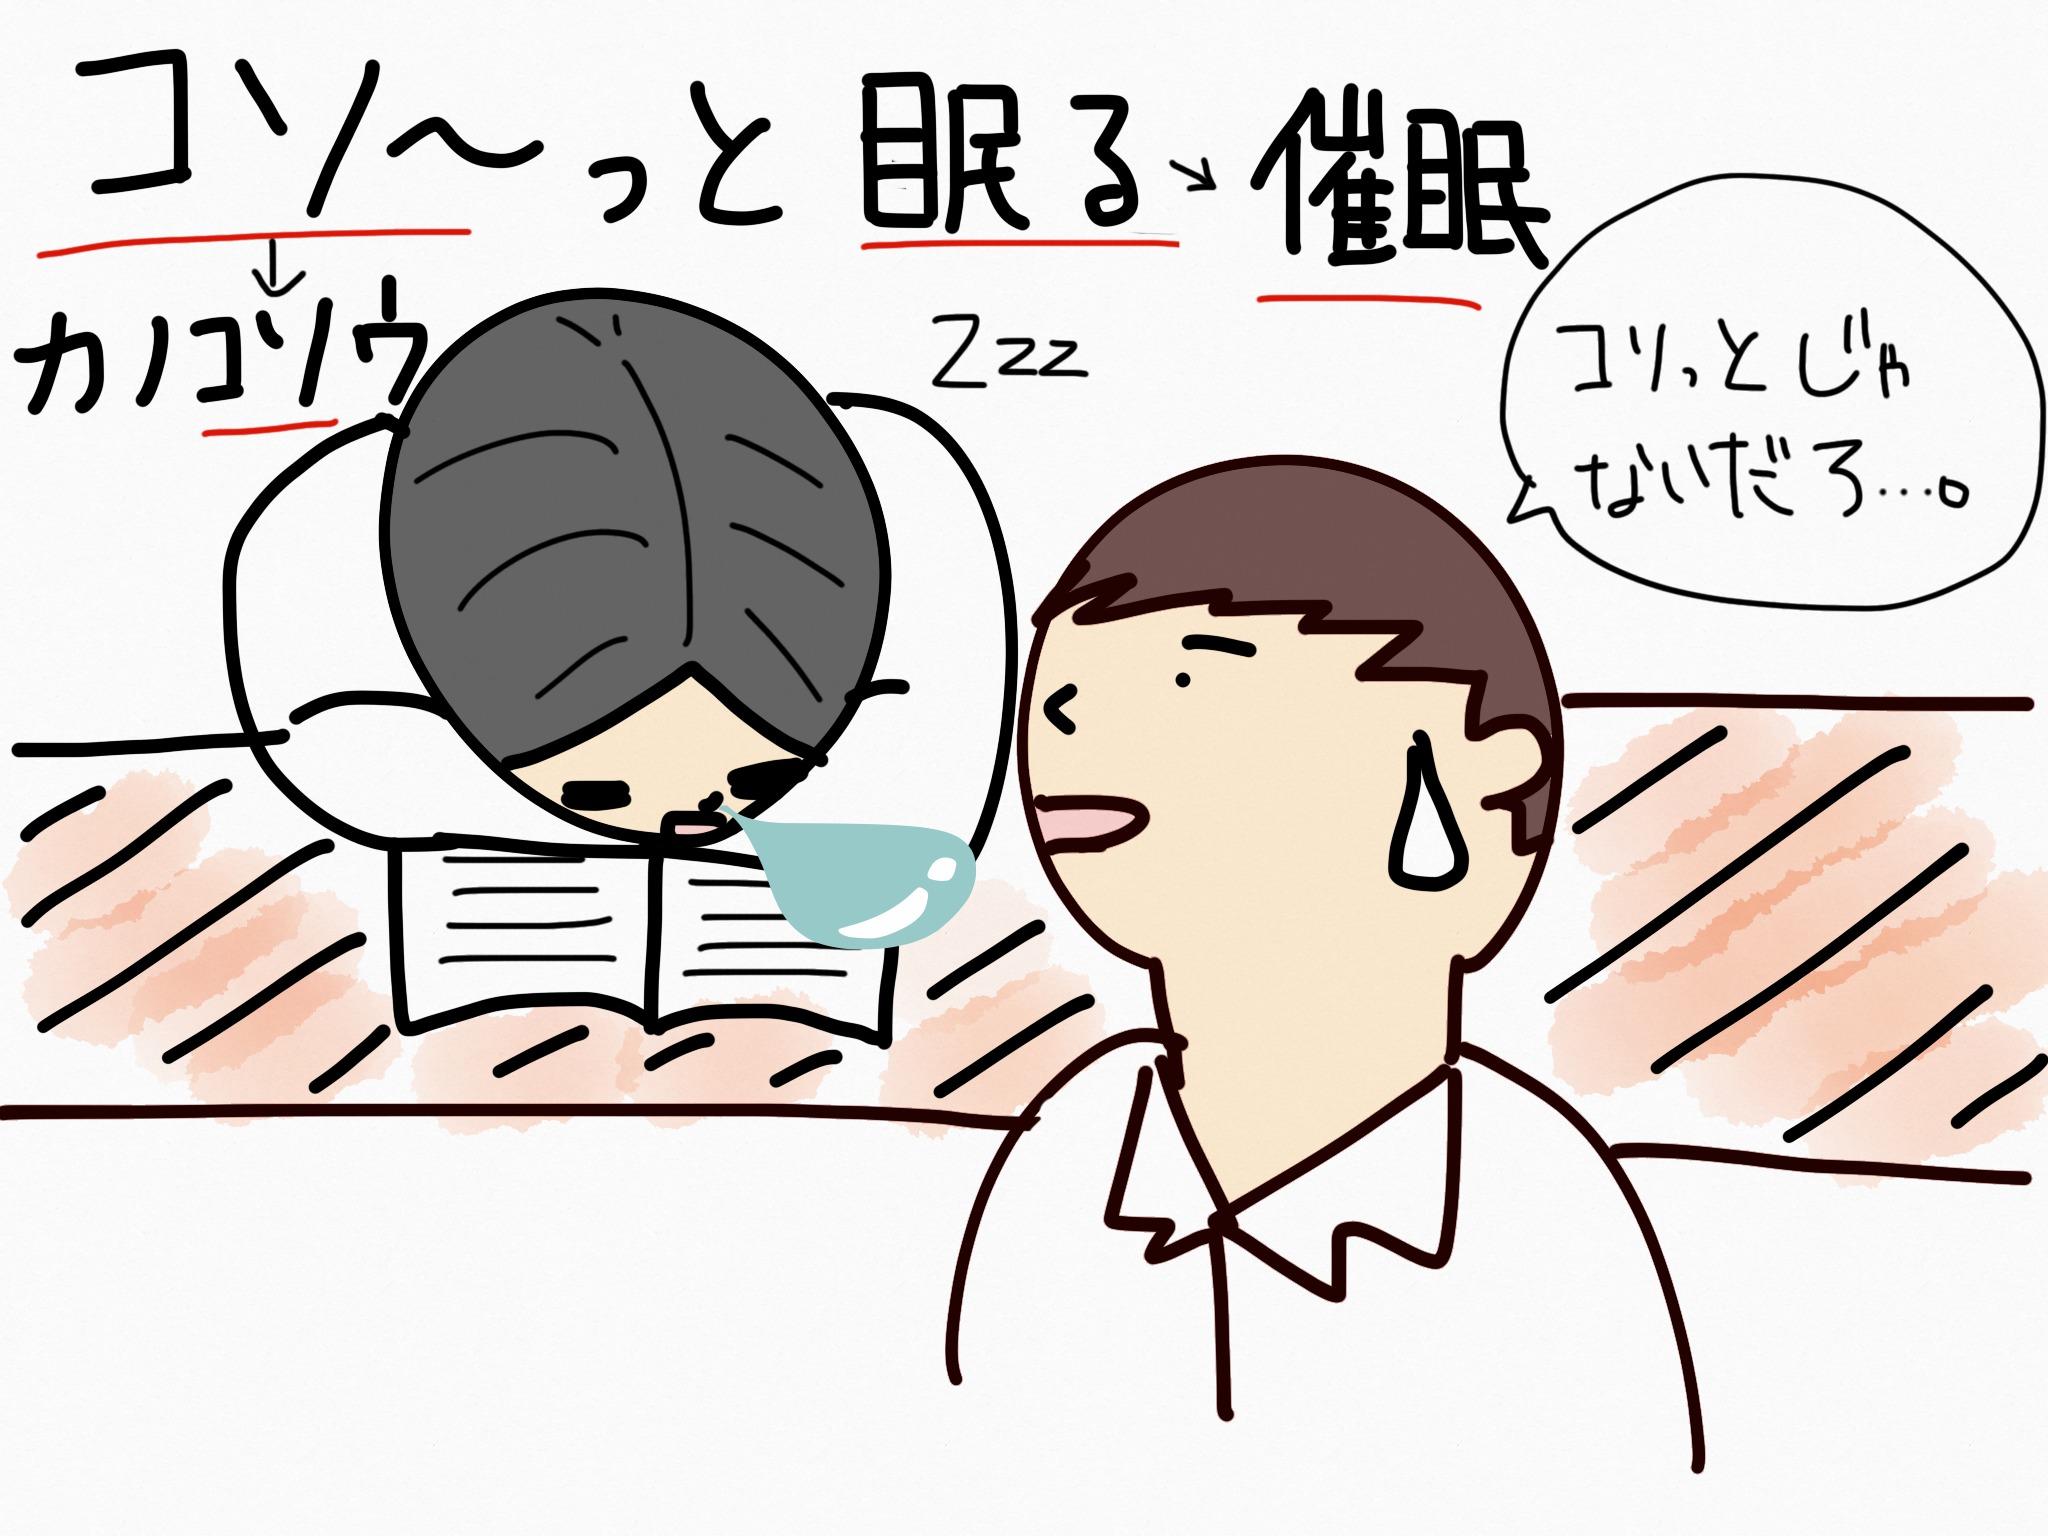 カノコソウ[催眠鎮静薬他]生薬の覚え方・暗記方法・語呂合わせ